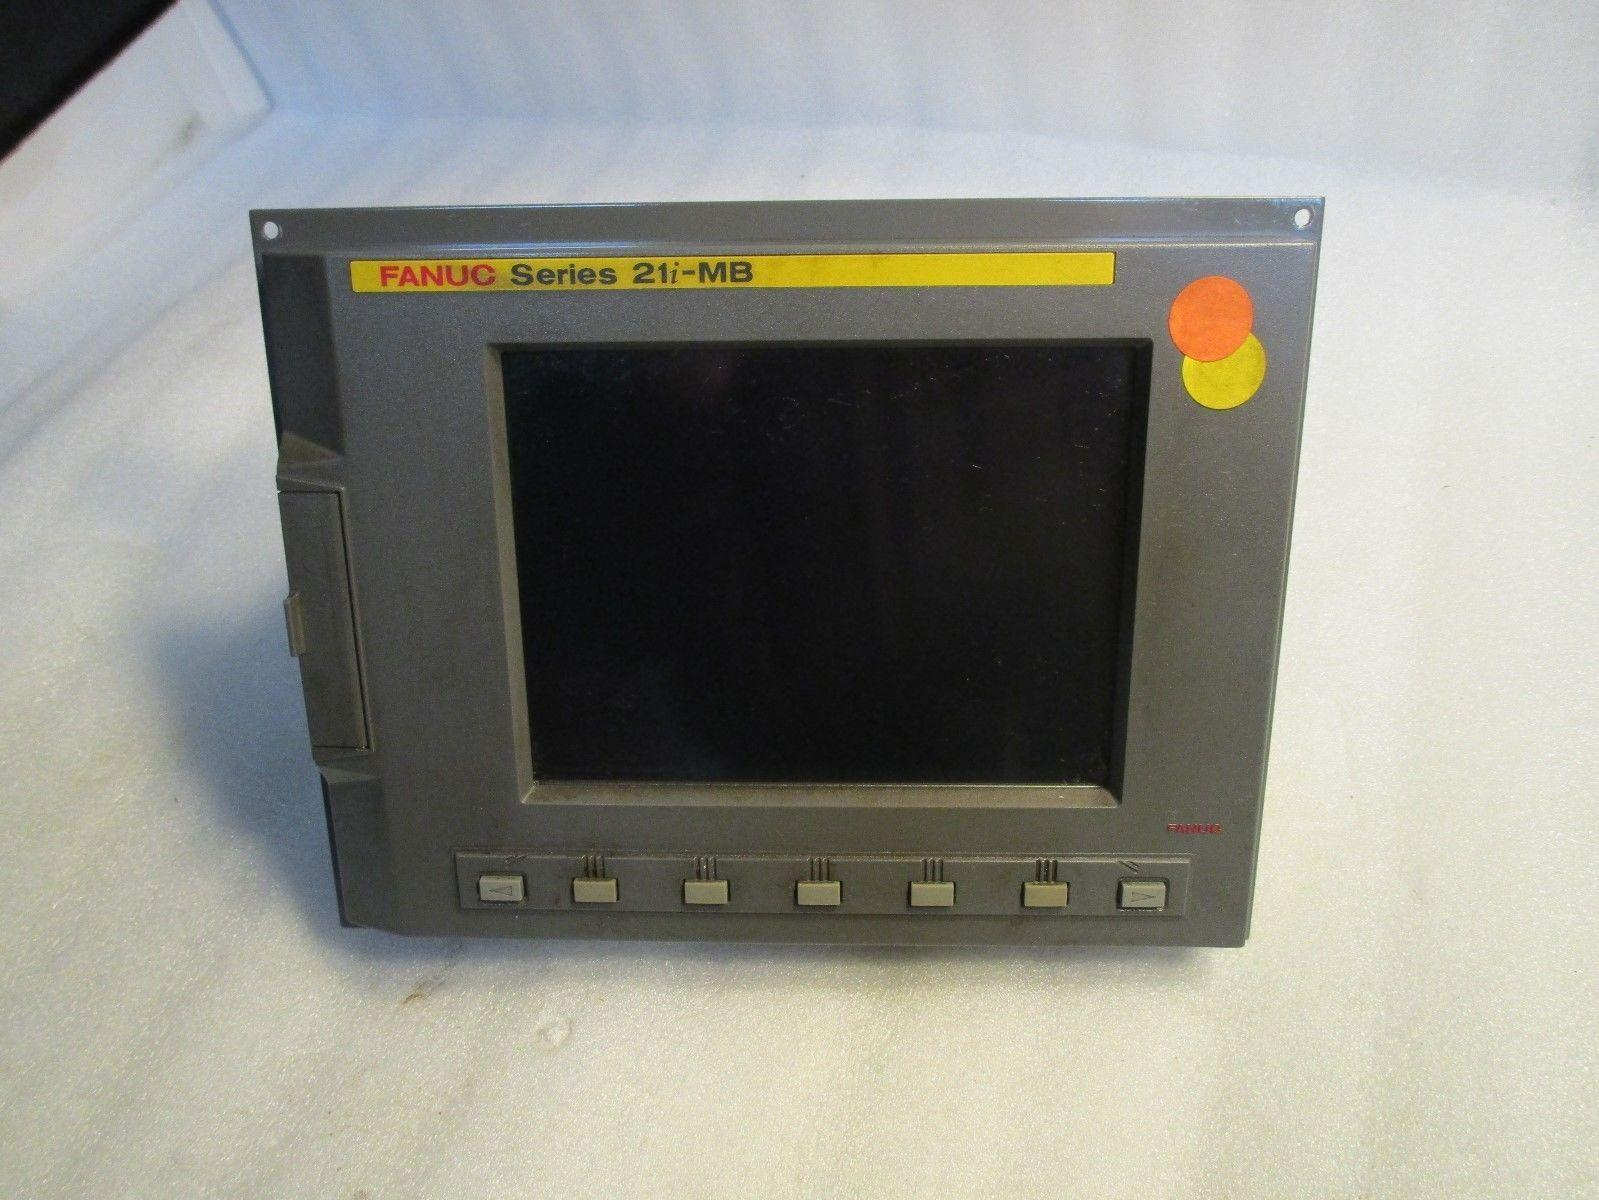 Fanuc 21i-MB CNC Op Station / Control A02B-0285-B502